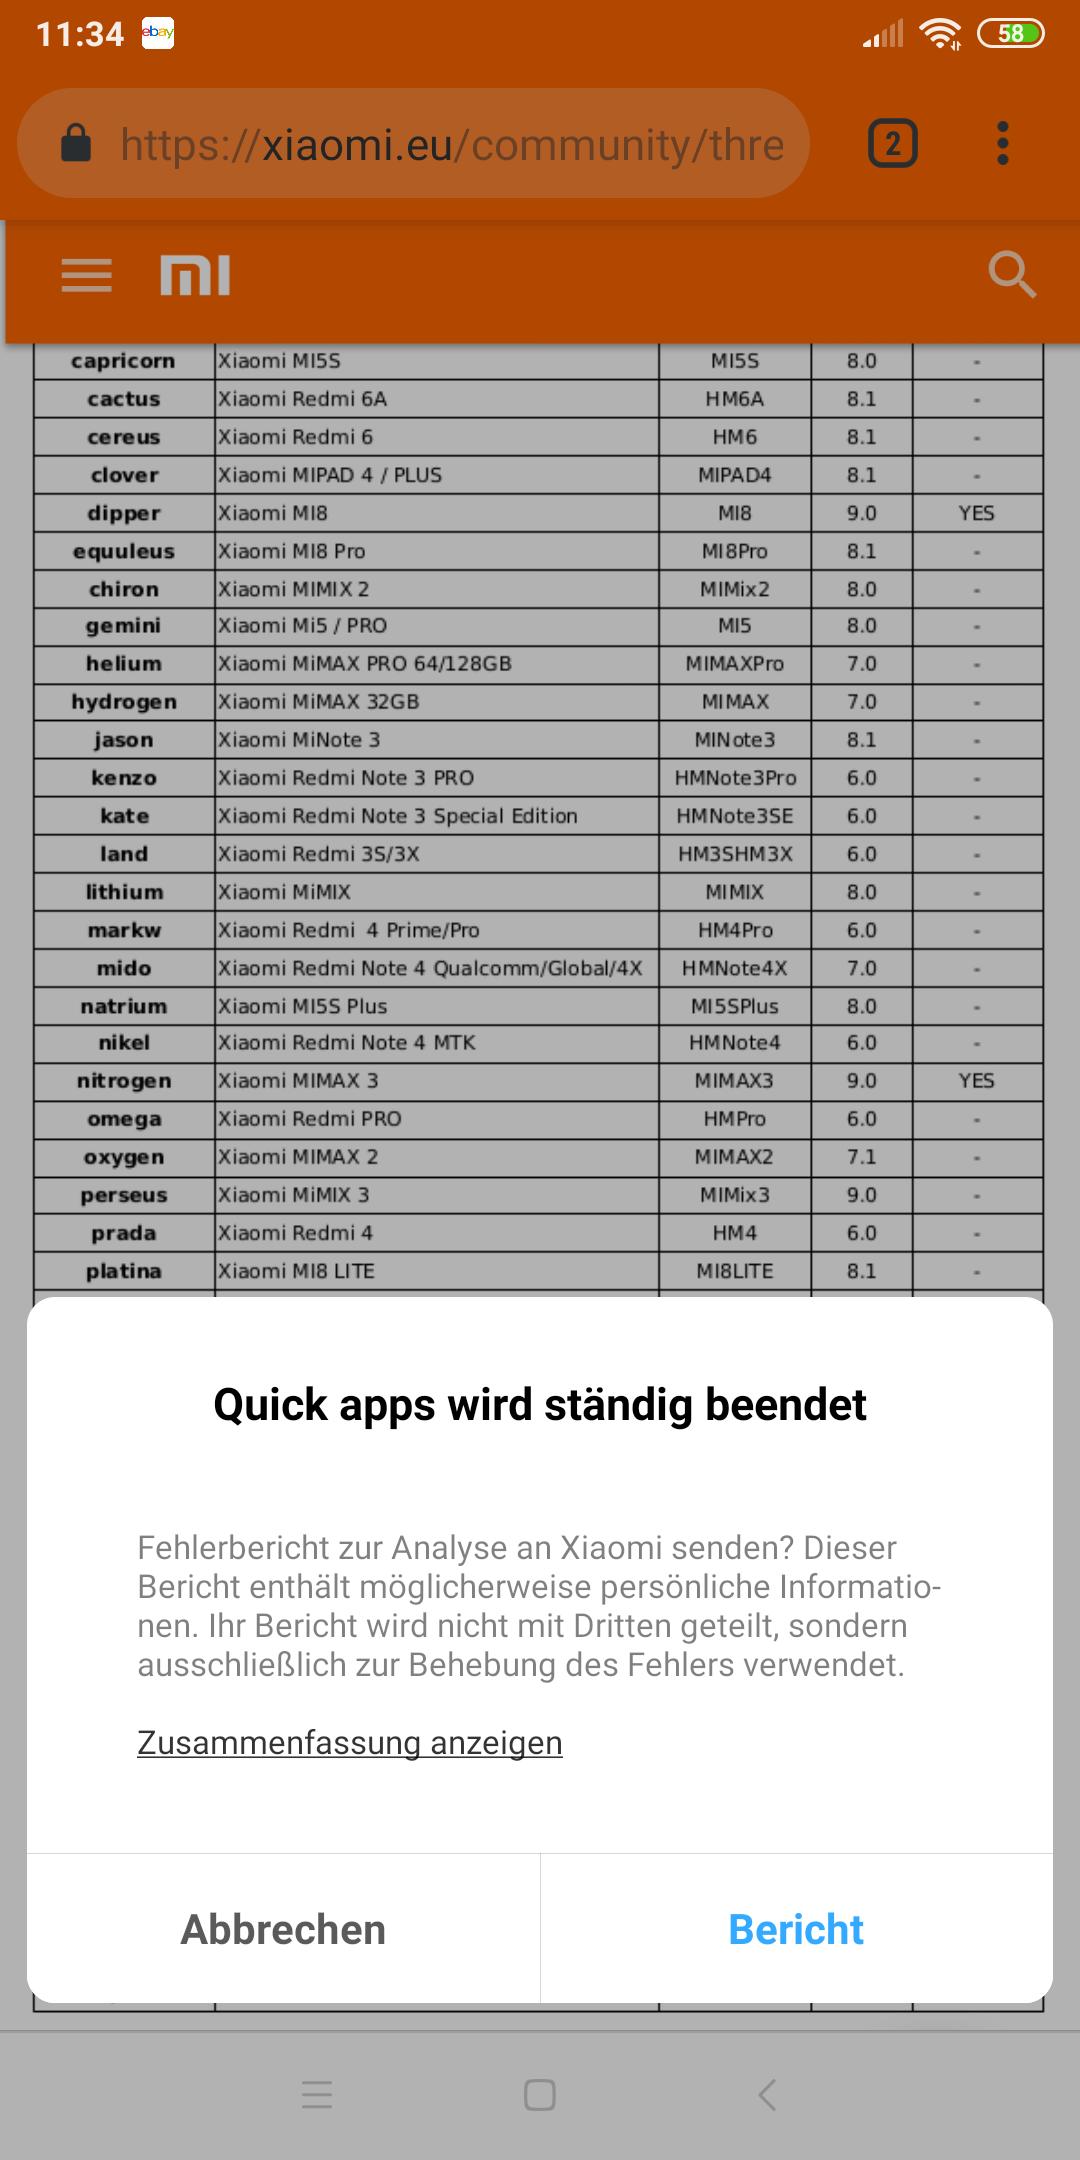 Screenshot_2018-11-30-11-34-10-738_com.android.chrome.png